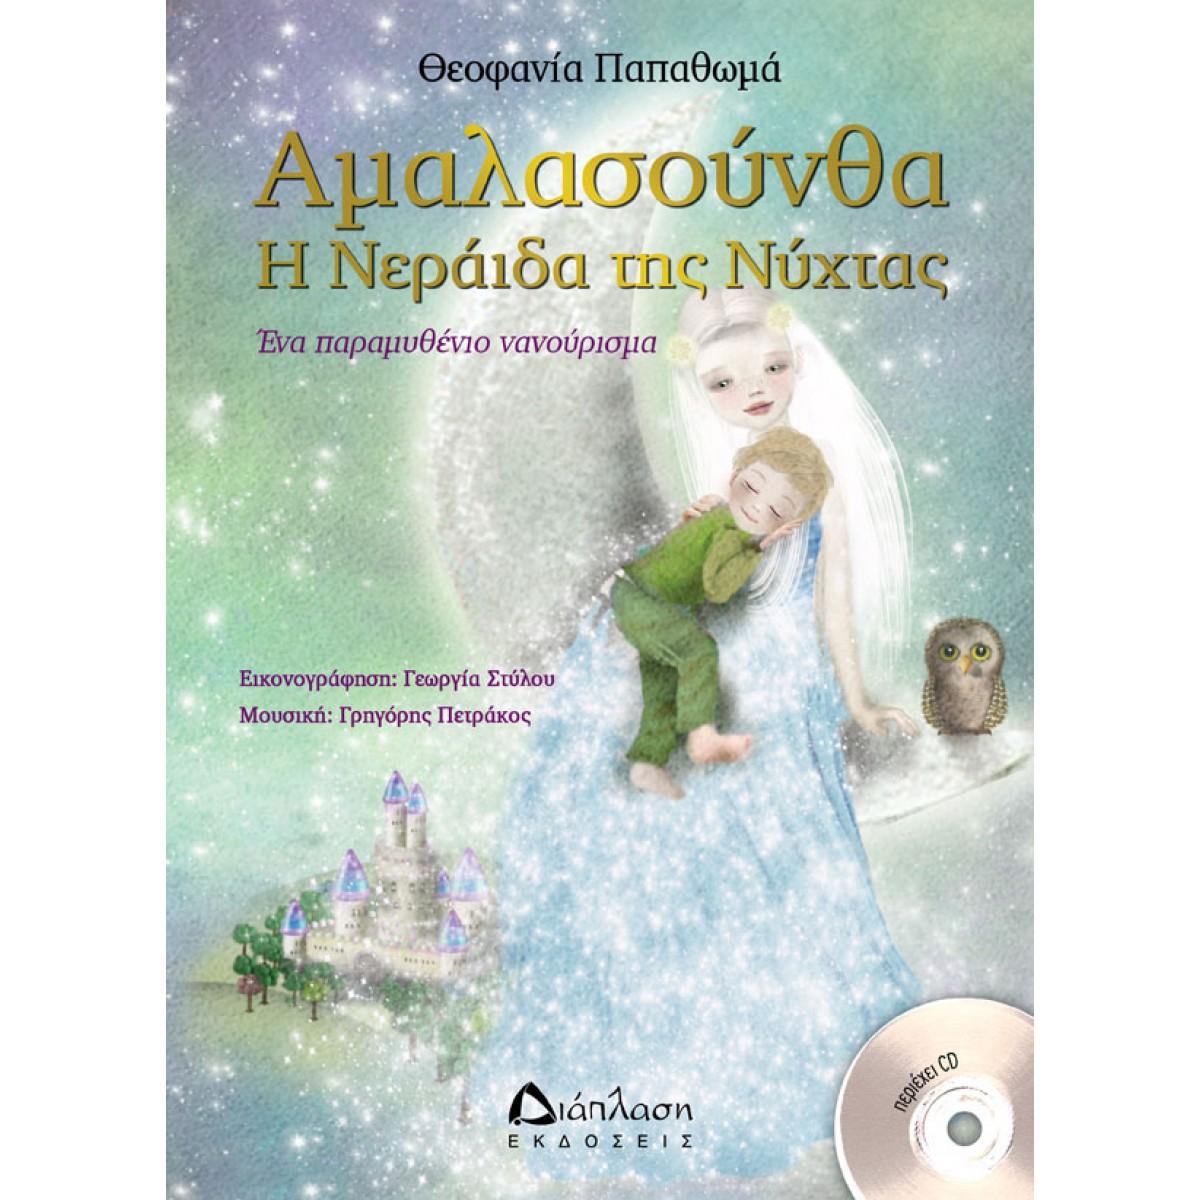 ΑΜΑΛΑΣΟΥΝΘΑ Η ΝΕΡΑΪΔΑ ΤΗΣ ΝΥΧΤΑΣ +CD